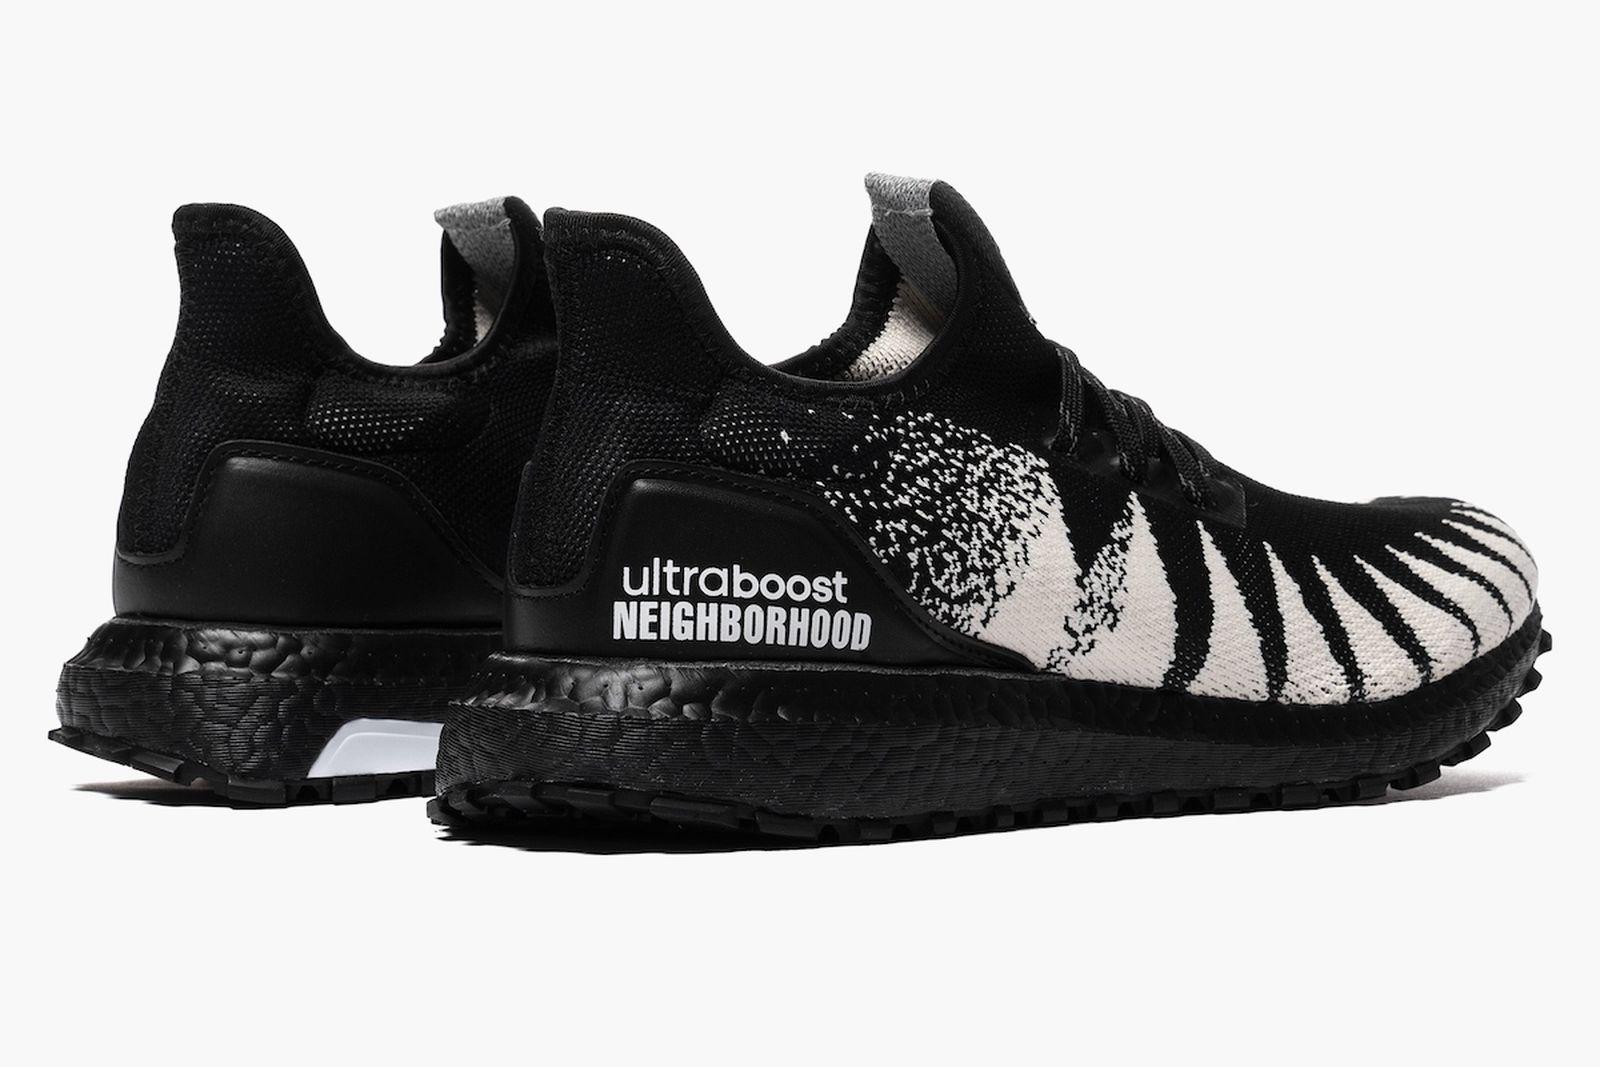 NEIGHBORHOOD adidas Ultraboost All Terrain